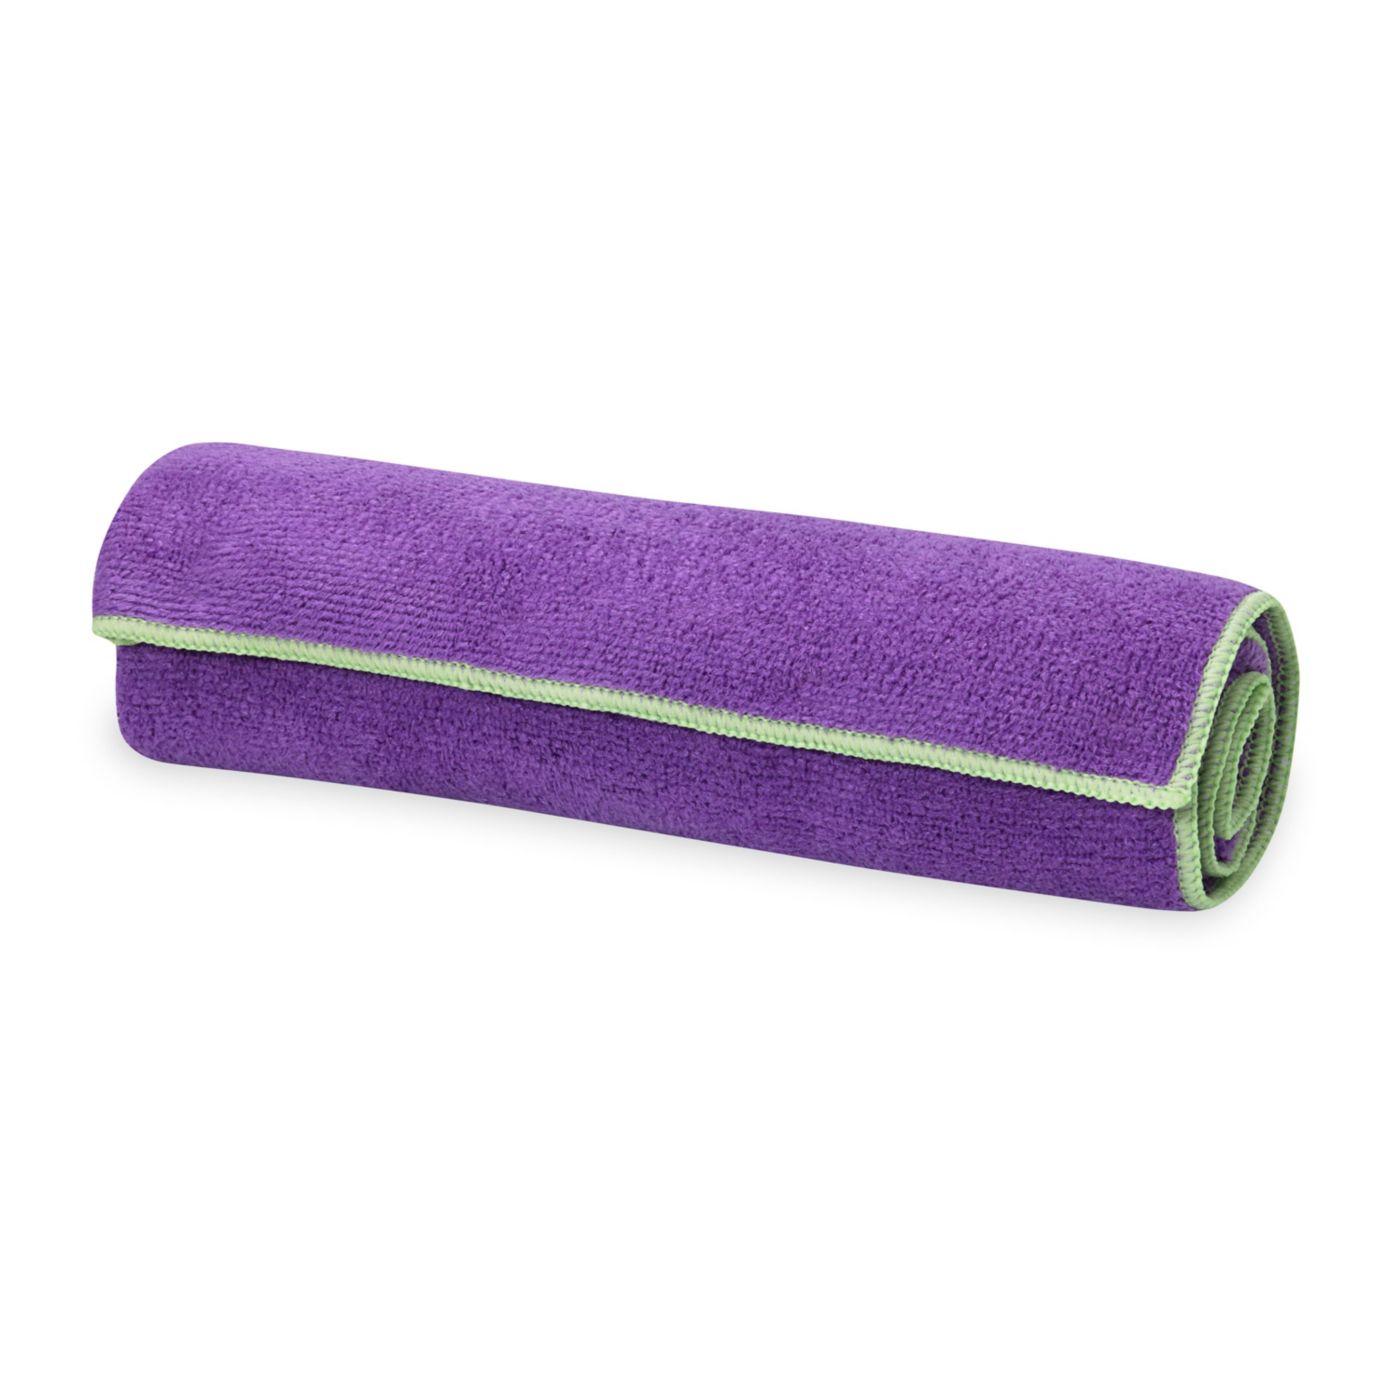 Gaiam Microfiber Yoga Hand Towel